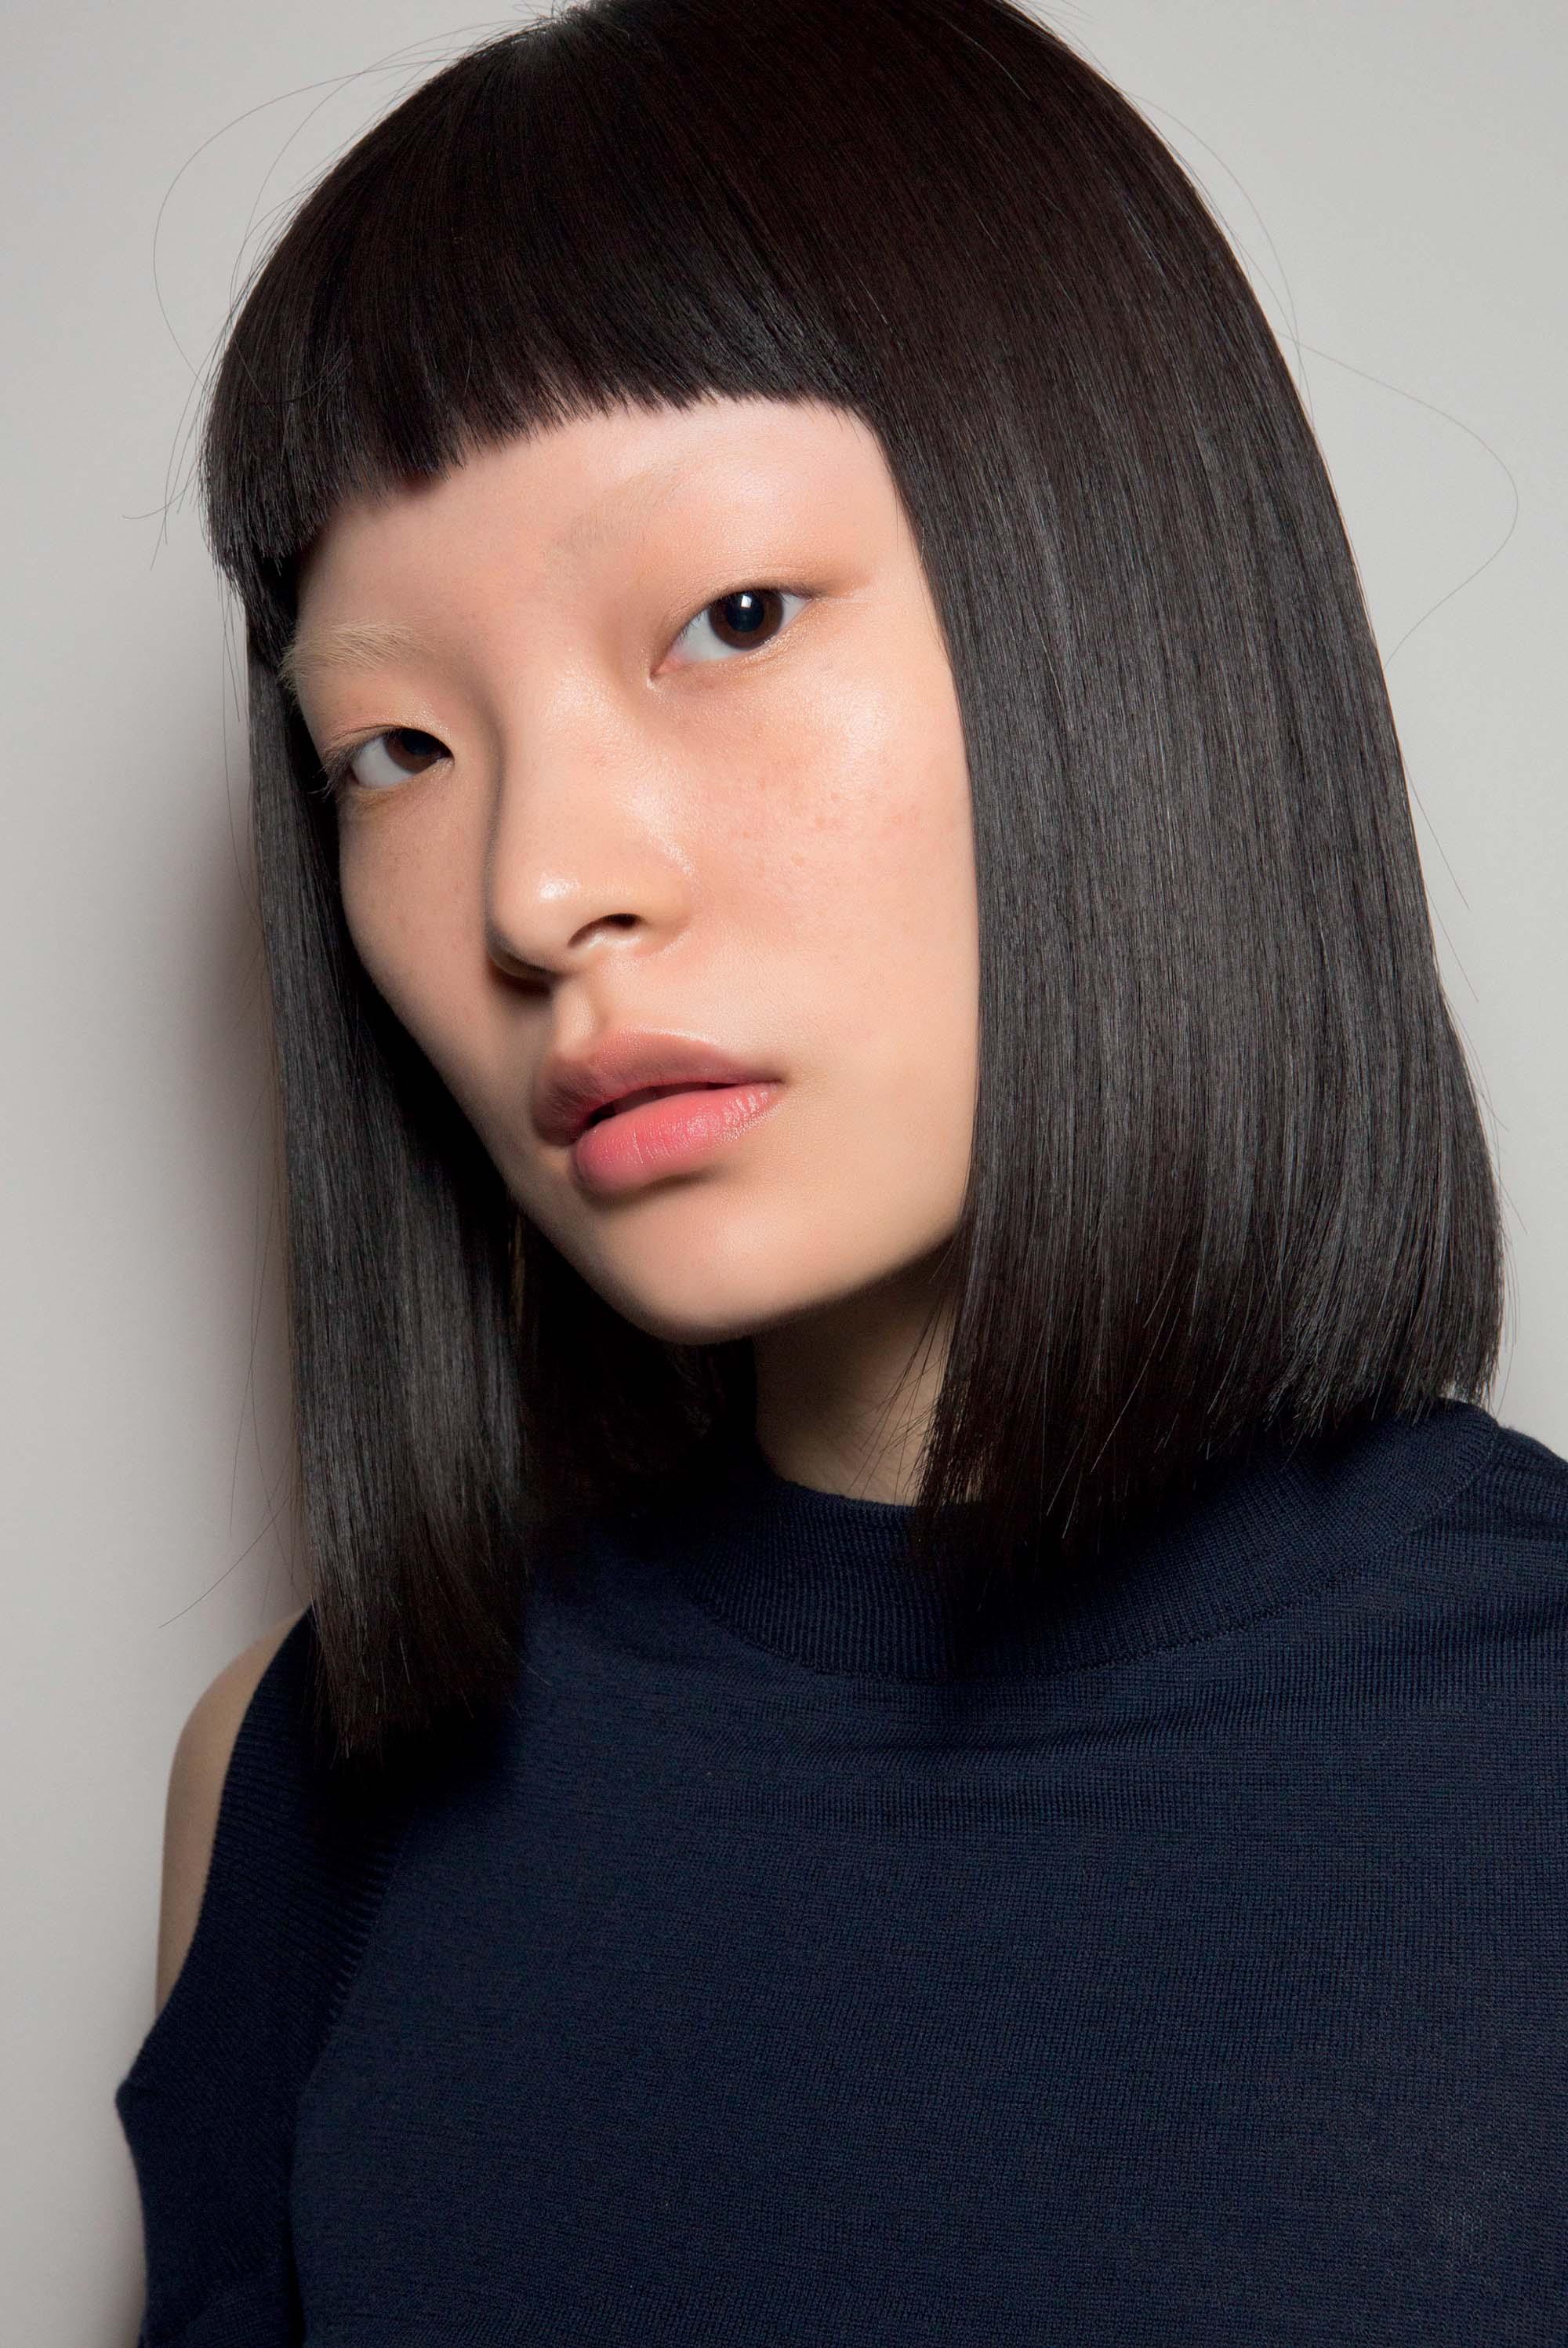 làm đẹp không xâm lấn phương pháp dưỡng tóc bằng keratin